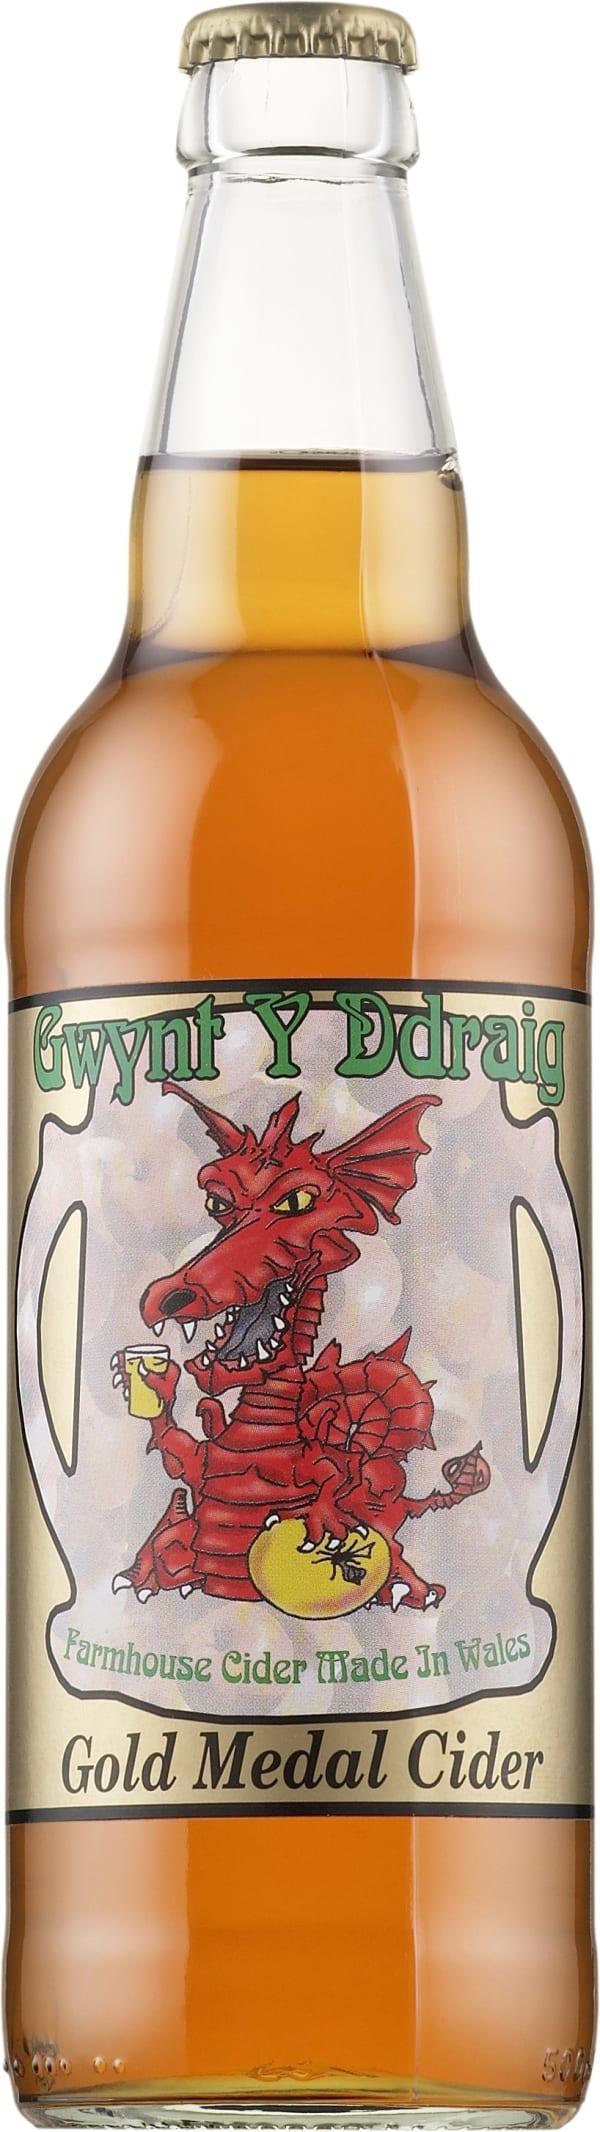 Gwynt y Ddraig Gold Medal Cider